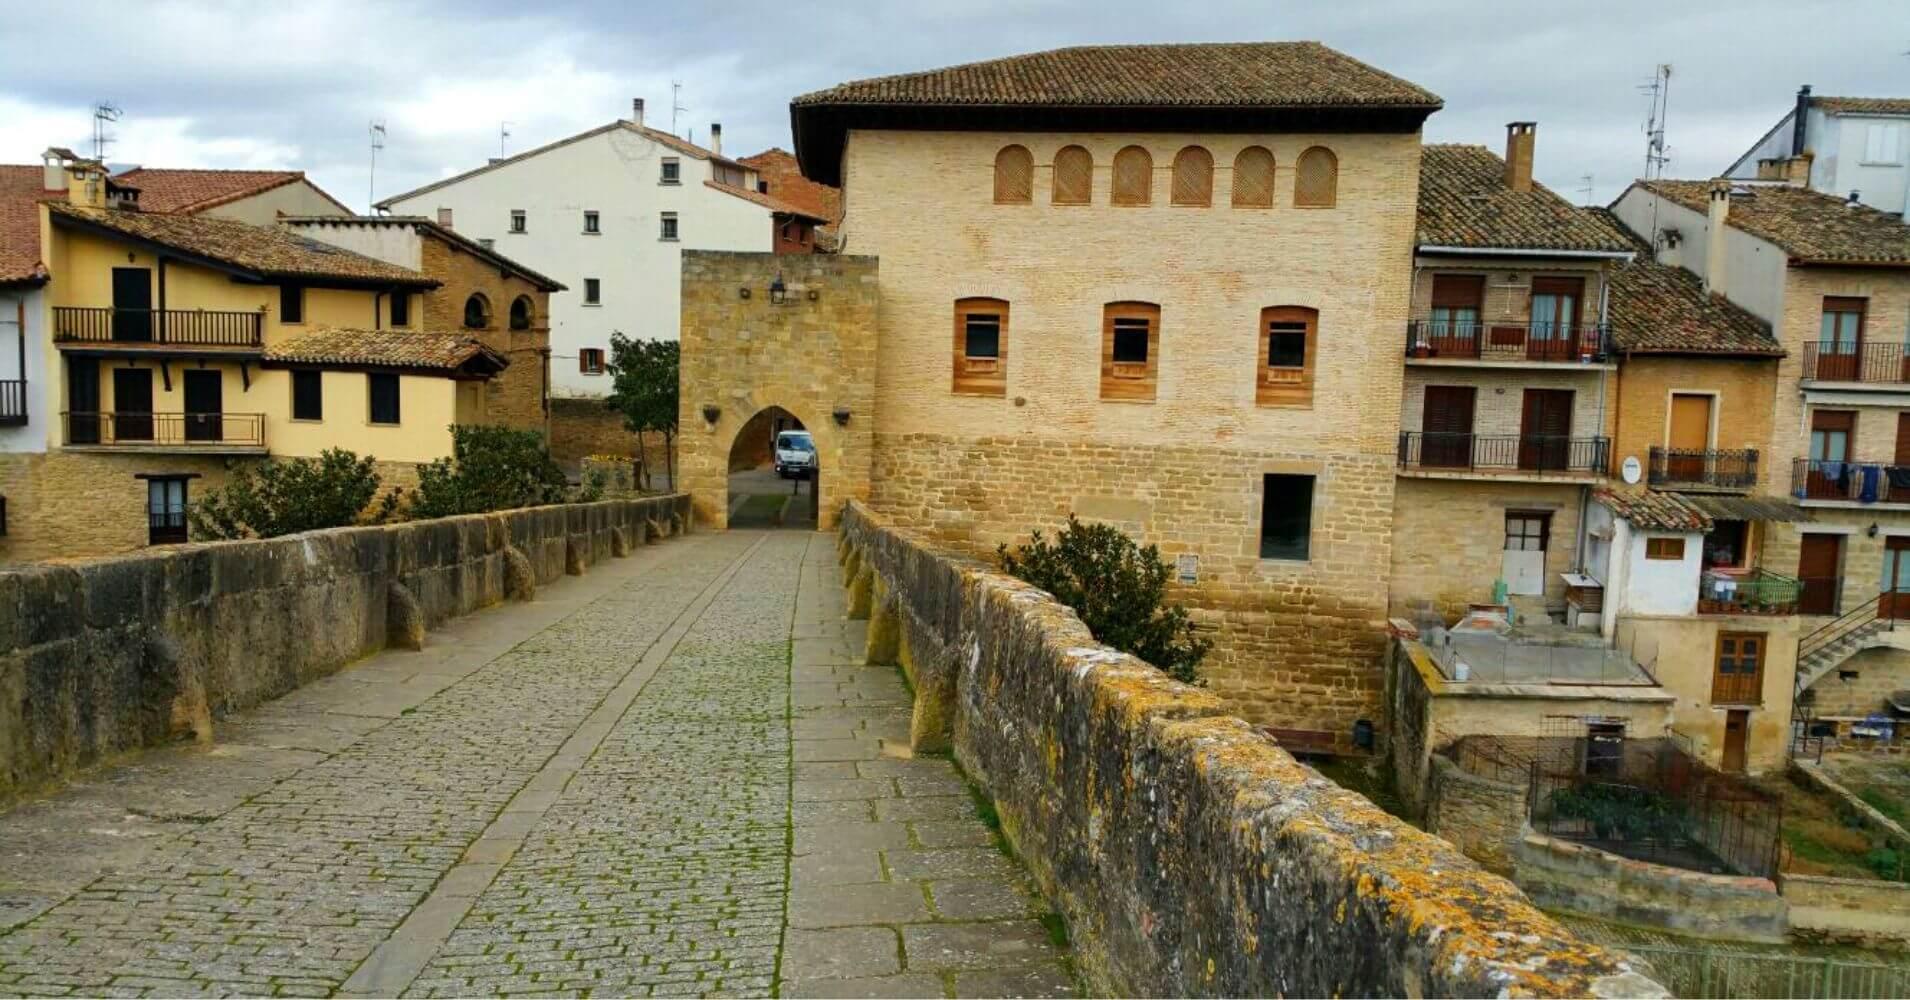 Puente de la Reina, Navarra. Camino de Santiago.